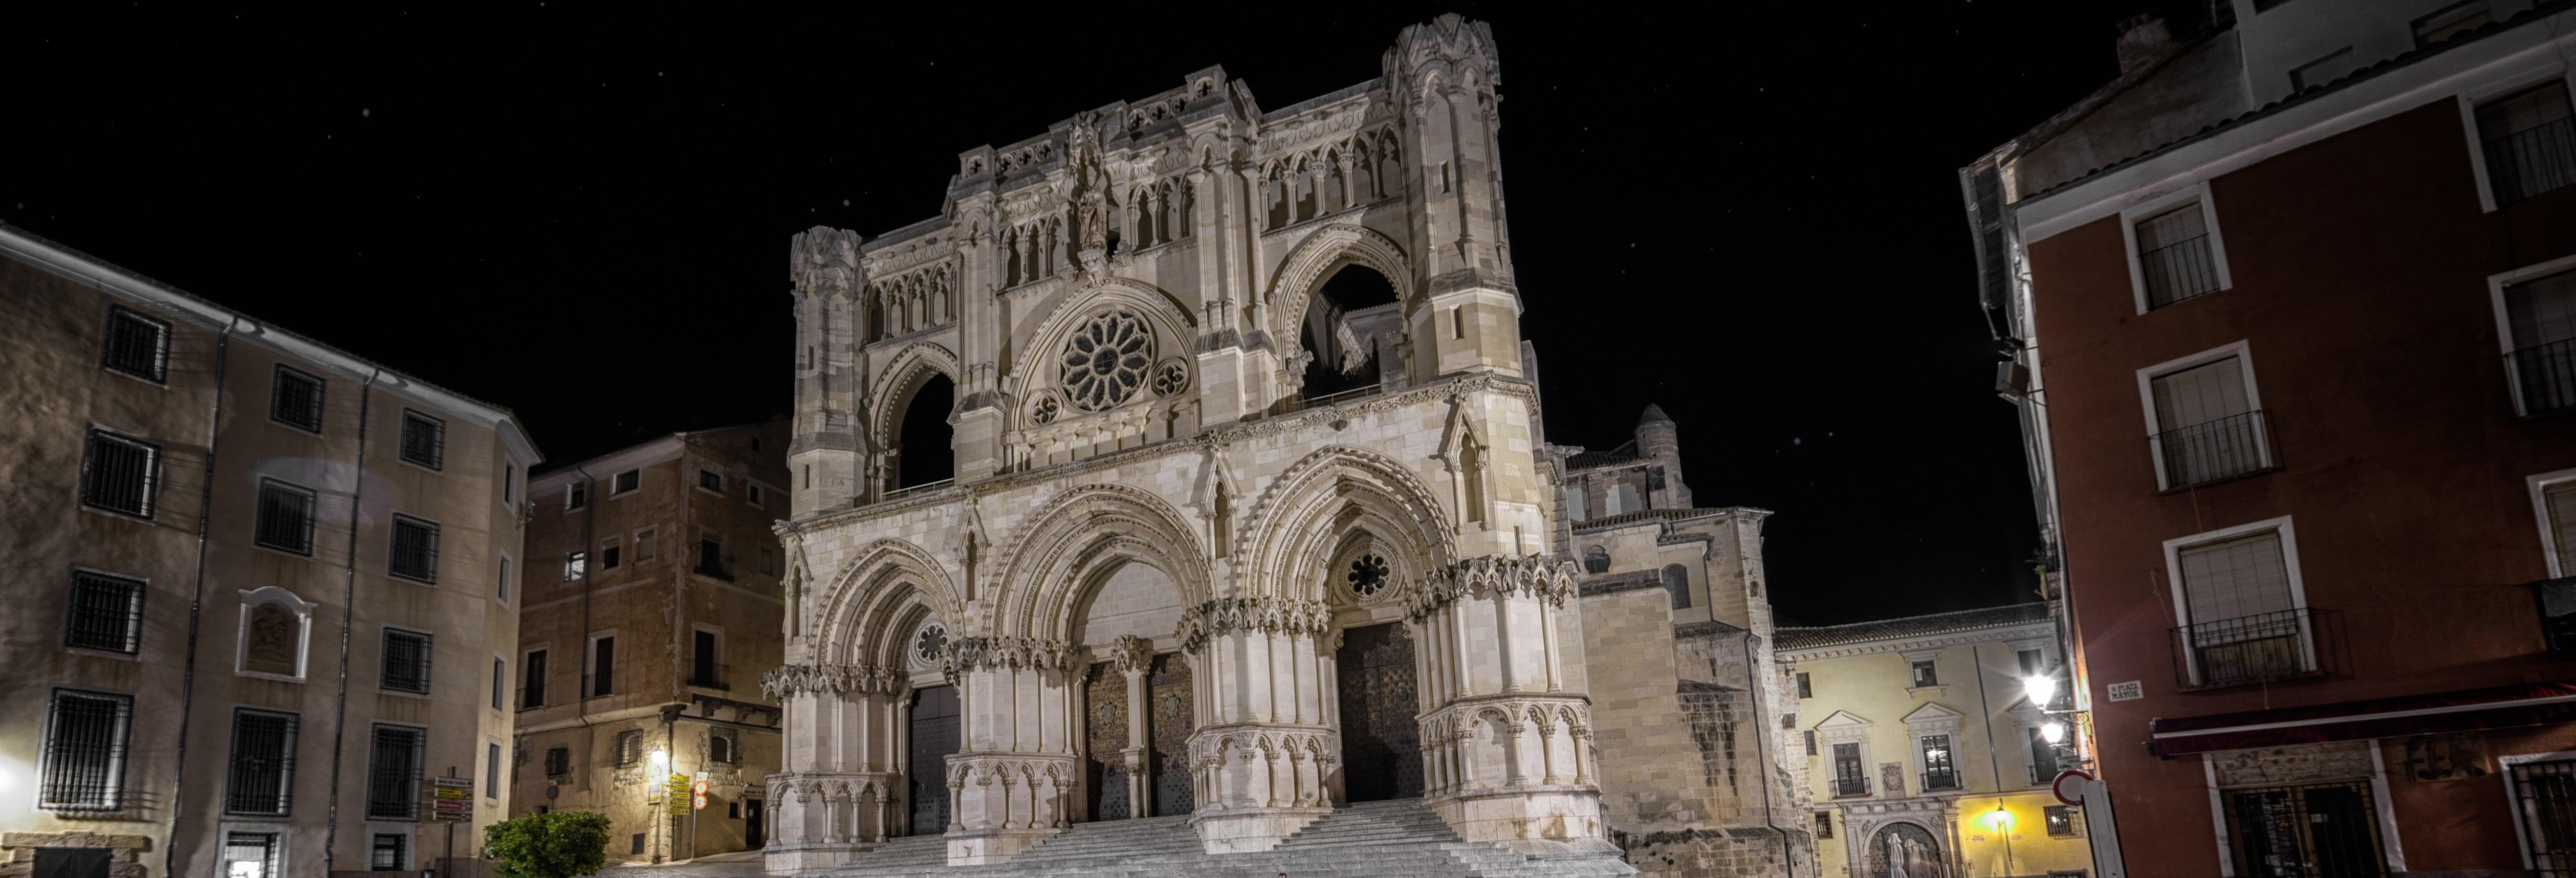 Free tour de los misterios y leyendas de Cuenca